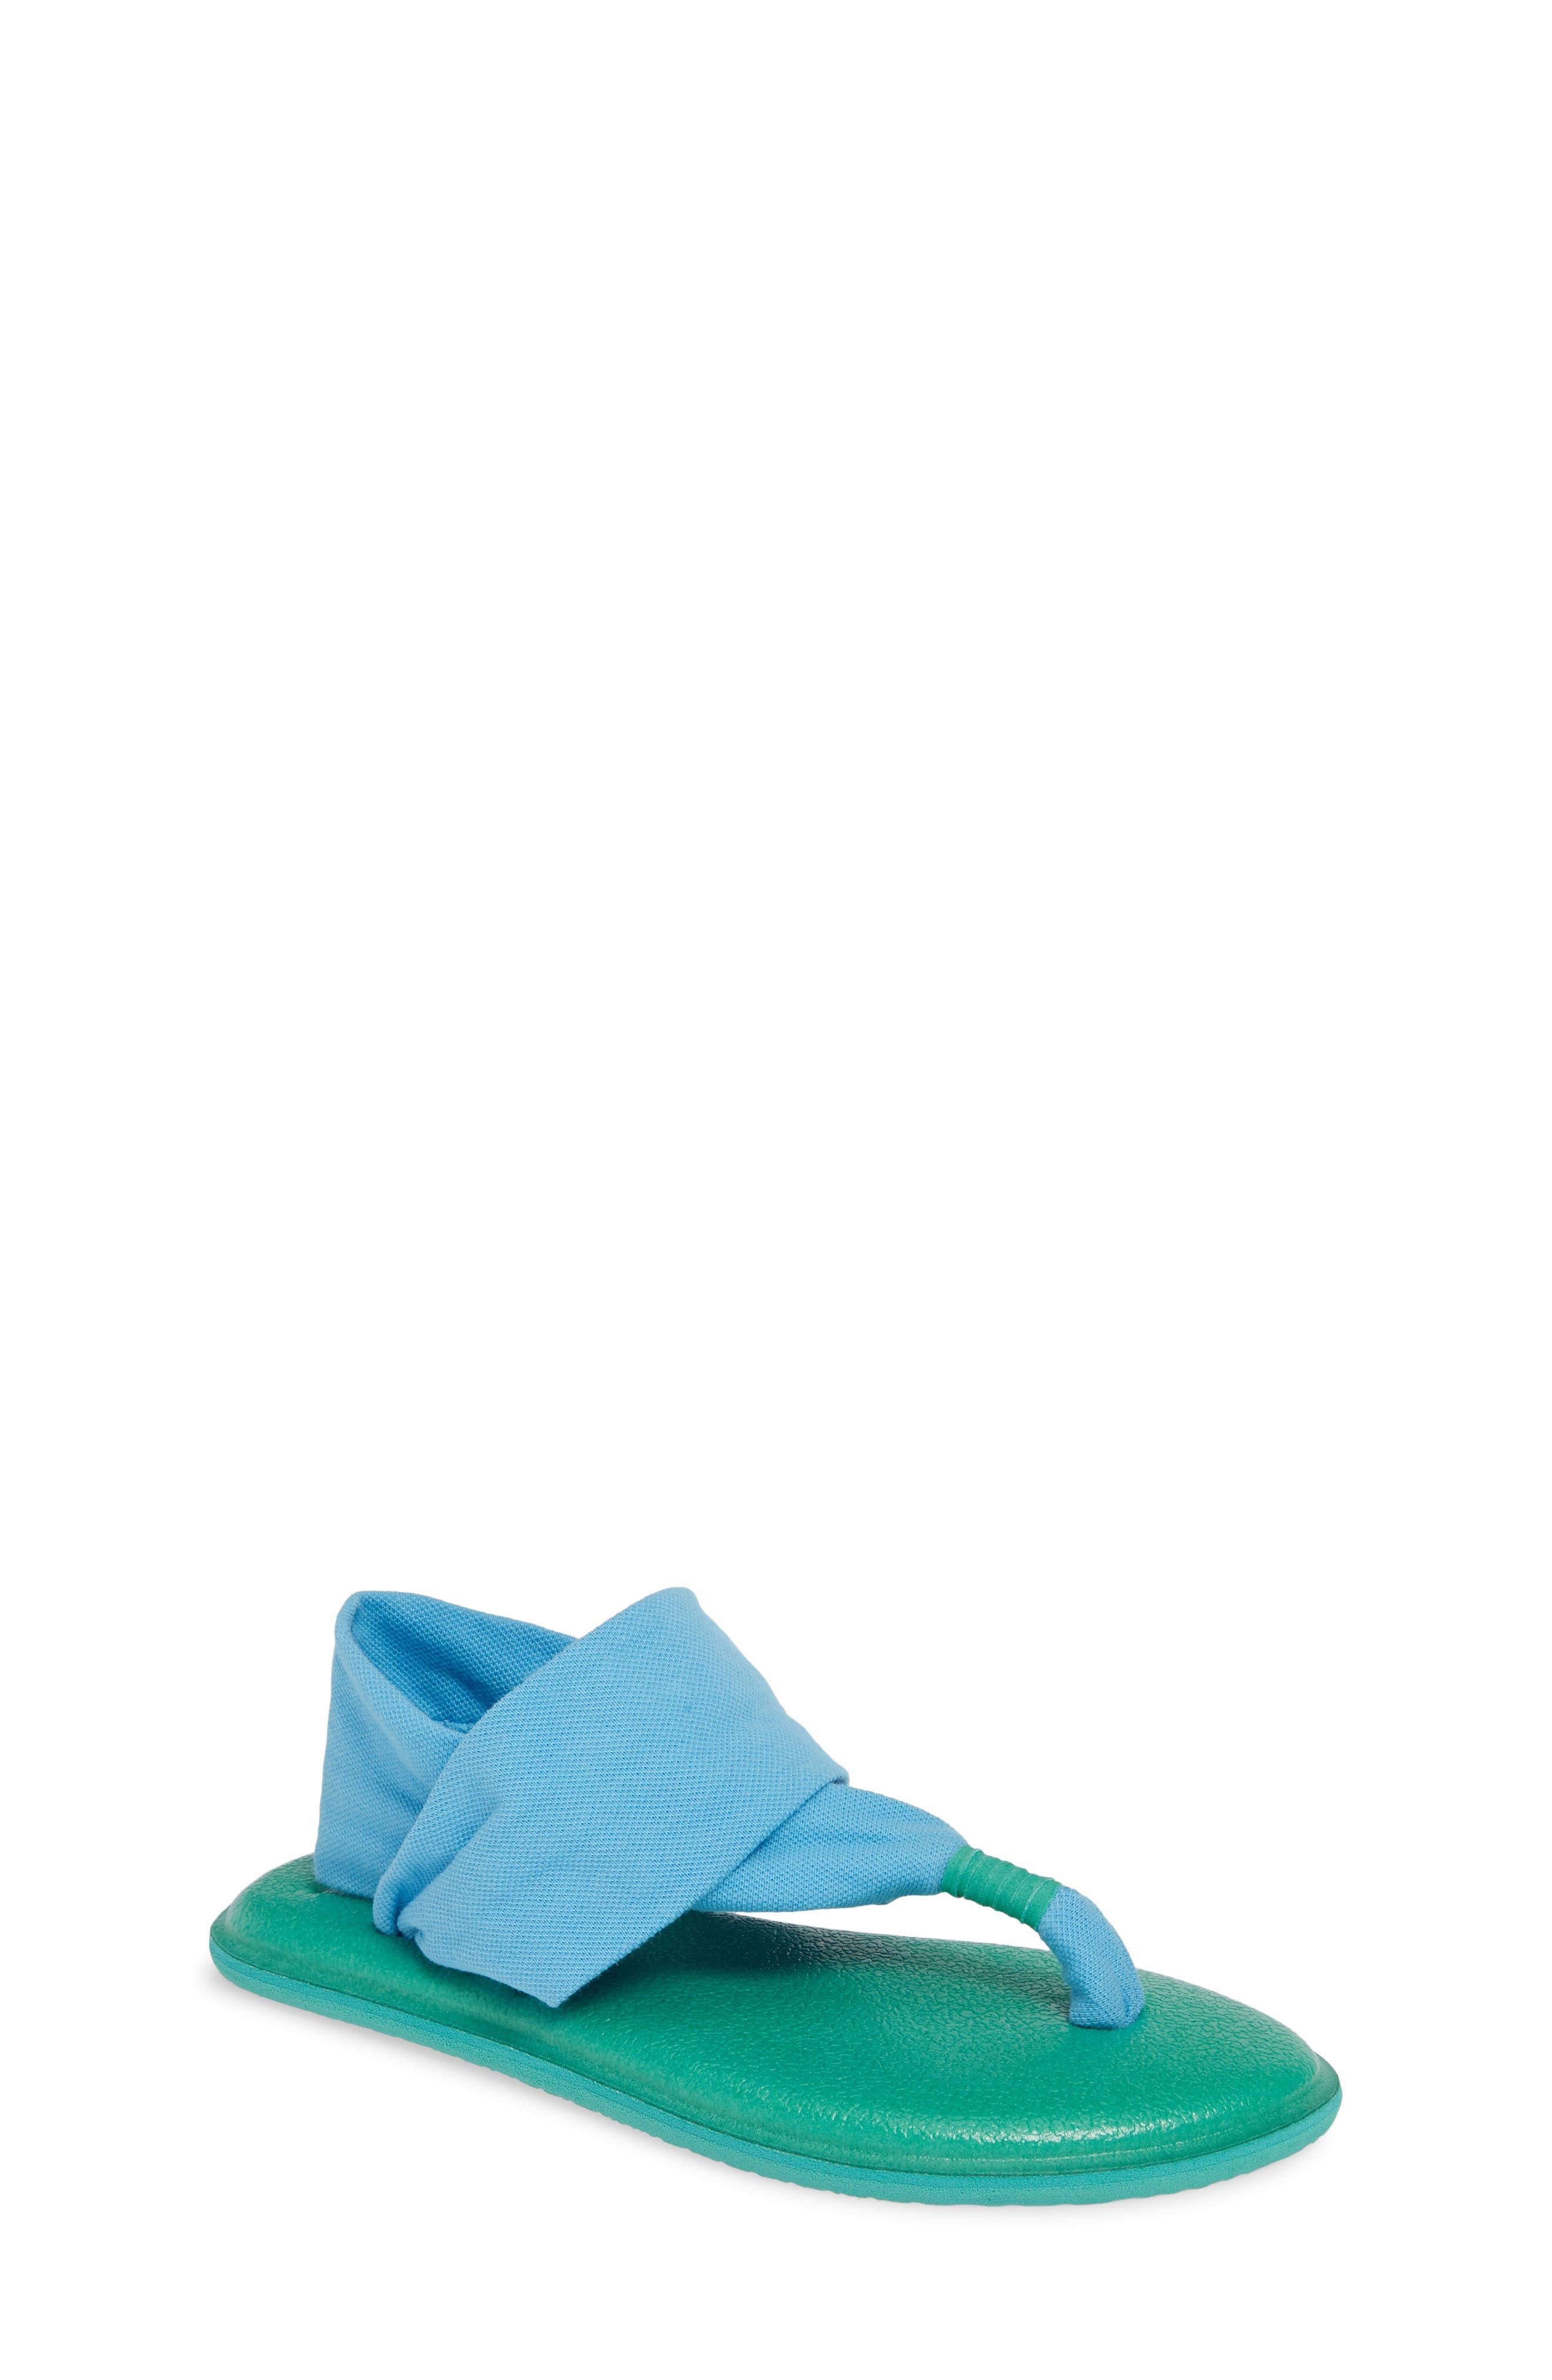 SANUK, Lil Yoga Sling 2 Sandal, Main thumbnail 1, color, ALASKA BLUE